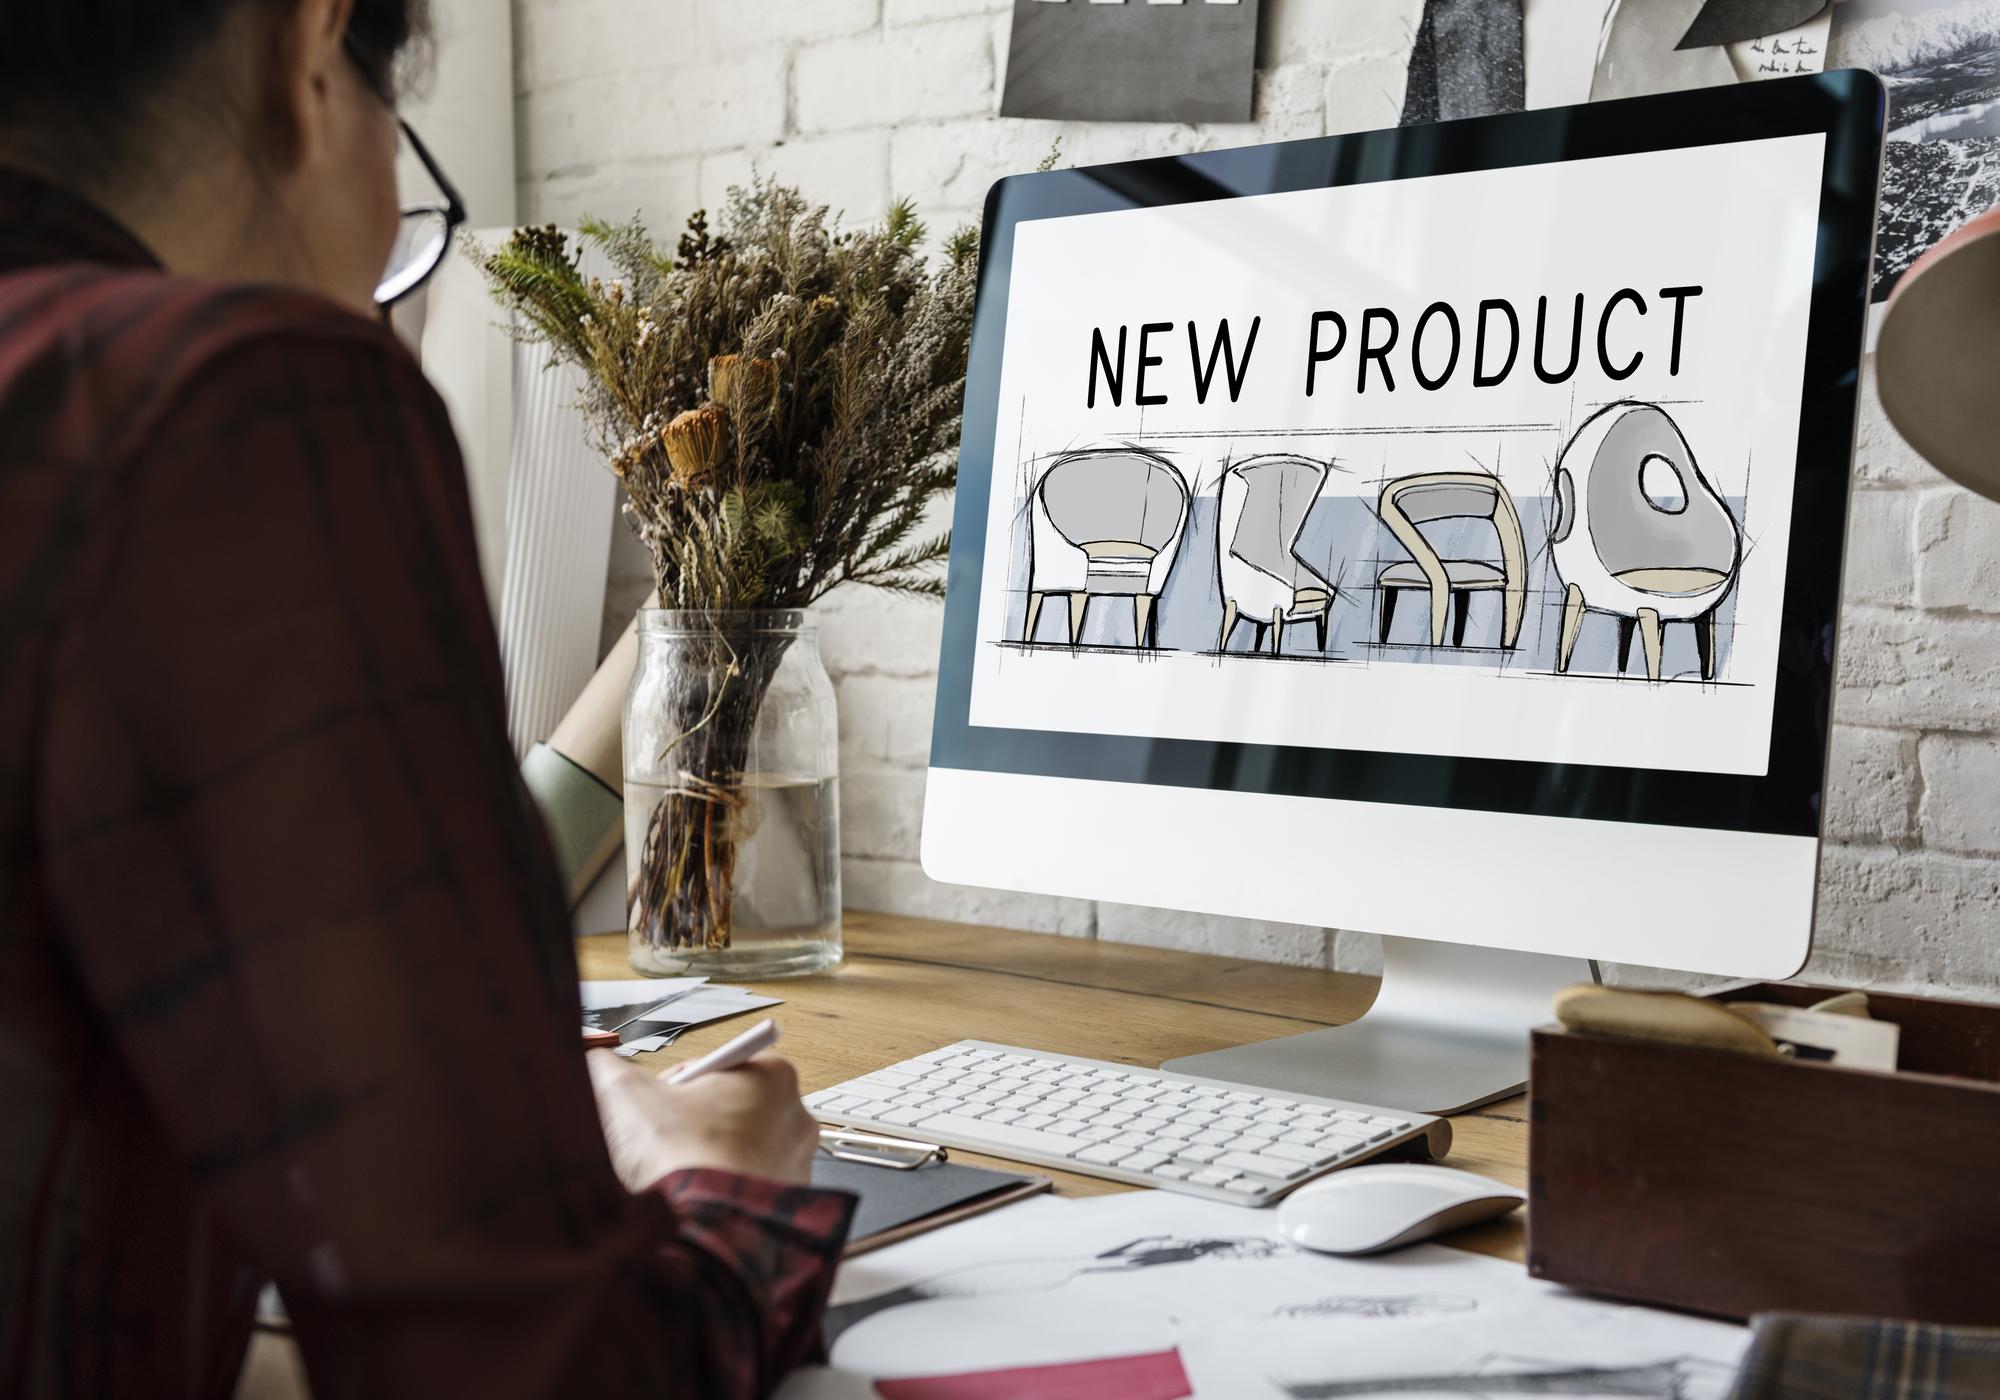 Amazon 新商品で売上を伸ばす戦略